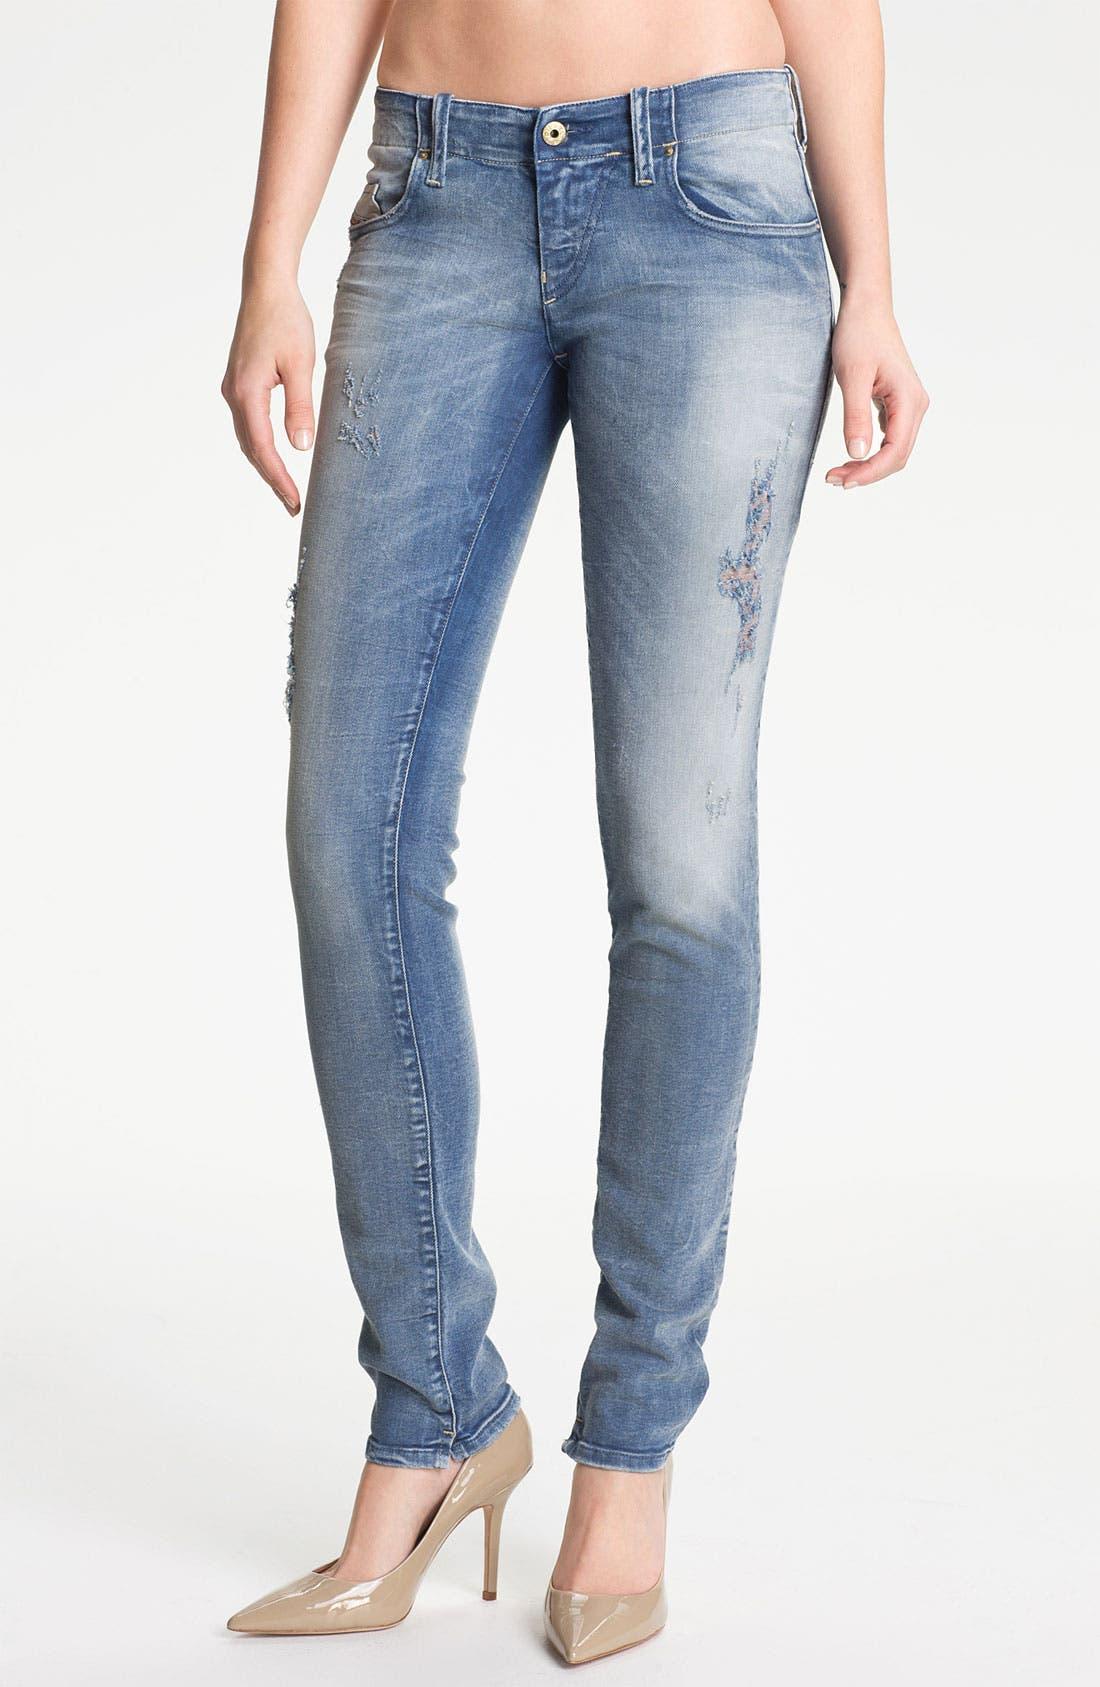 Main Image - DIESEL® 'Grupee' Distressed Denim Skinny Jeans (Blue Distressed)